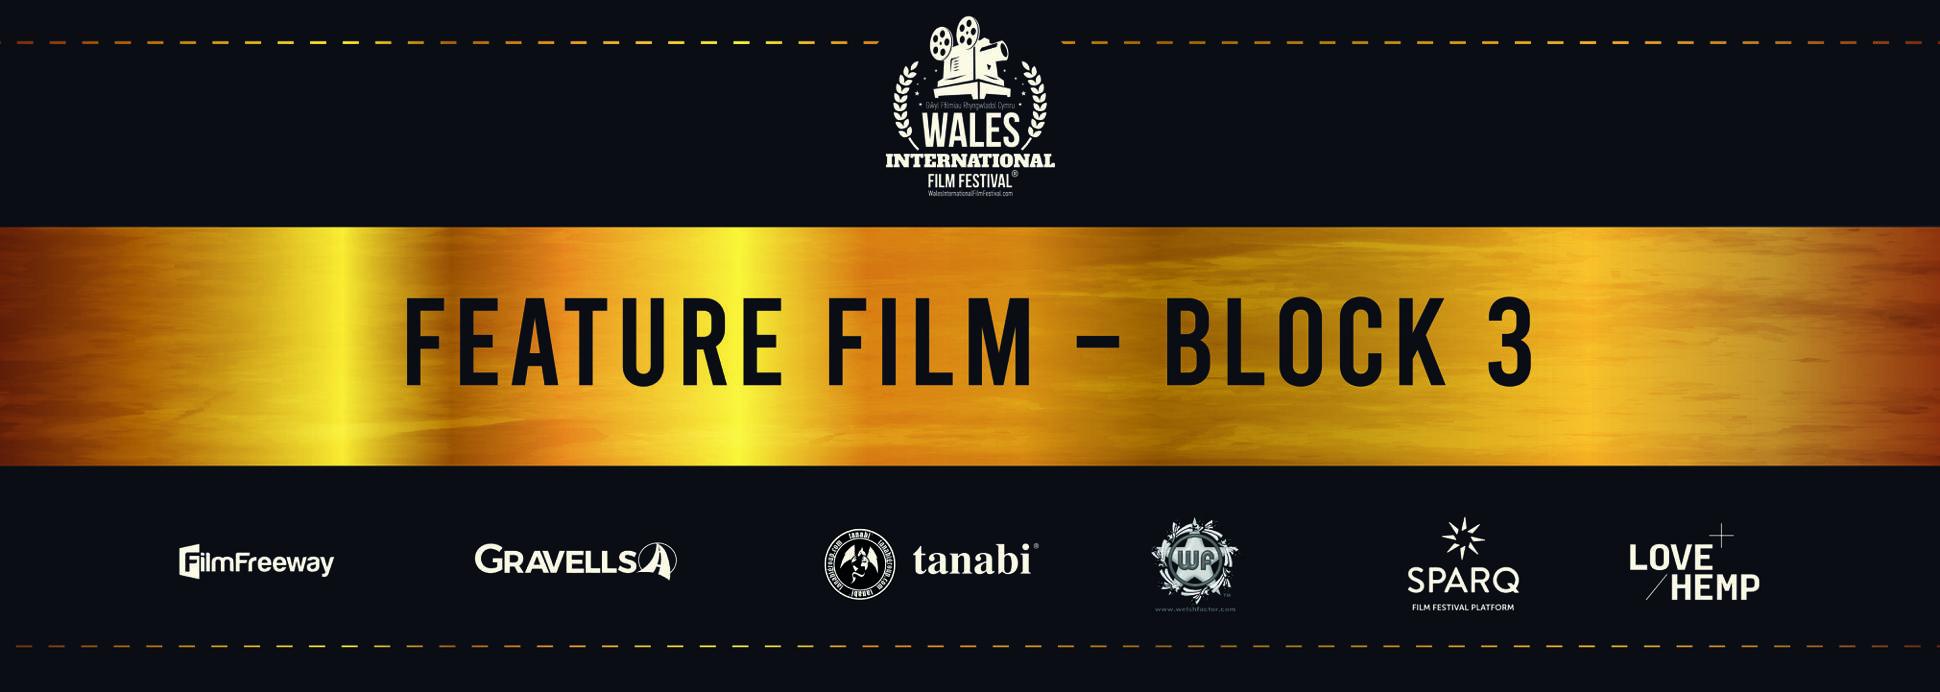 Feature Film - Block 3